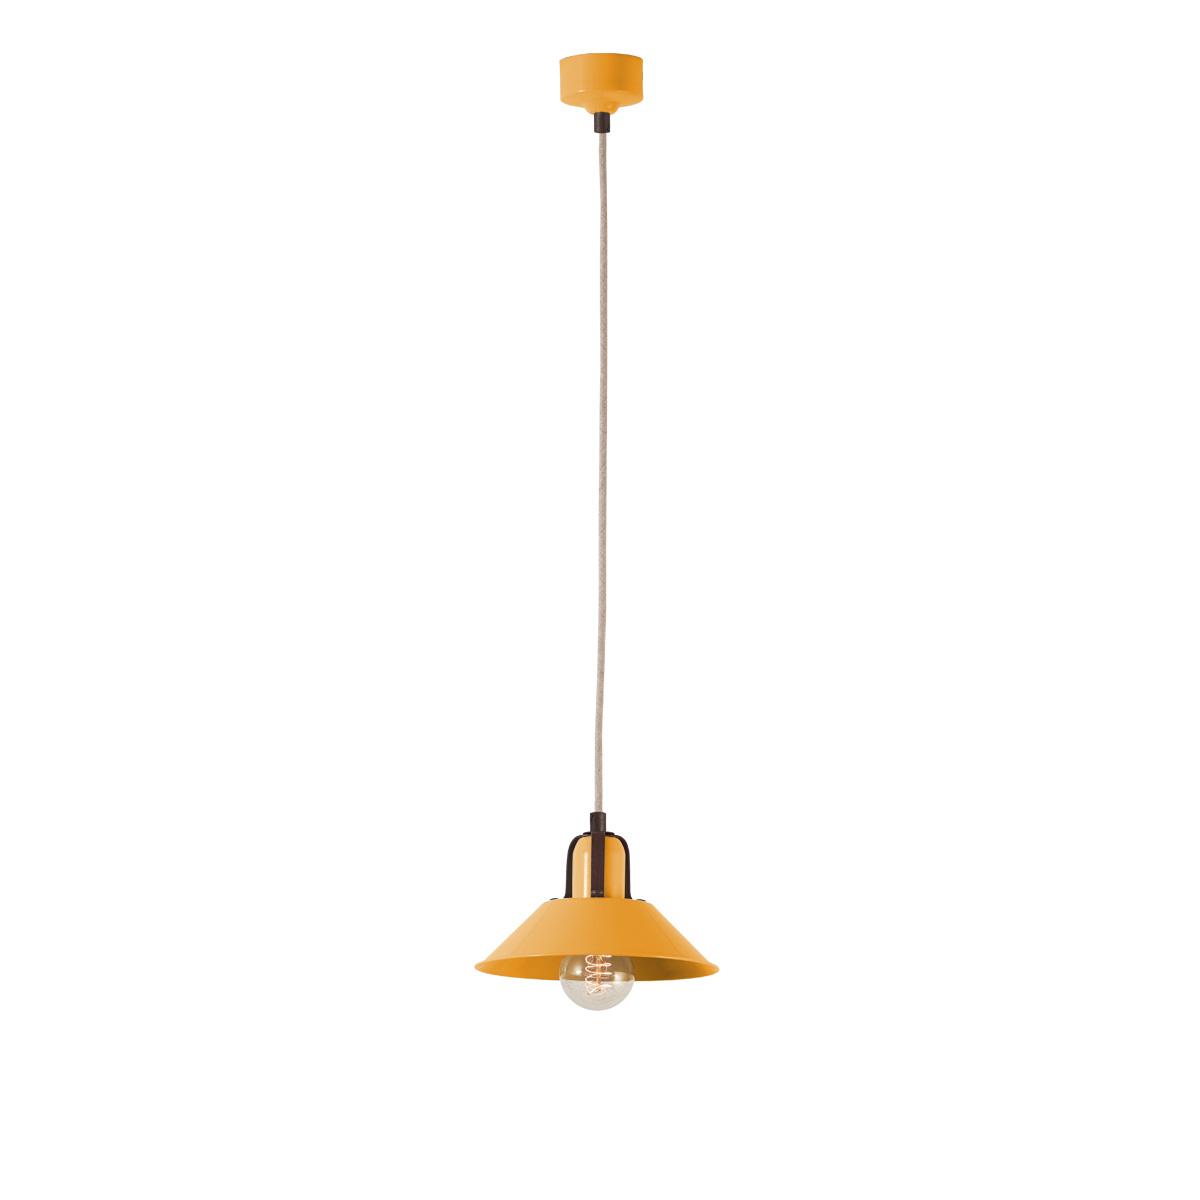 Χειροποίητο φωτιστικό πορτοκαλοκίτρινο ΜΗΛΟΣ melon yellow handmade pendant lamp